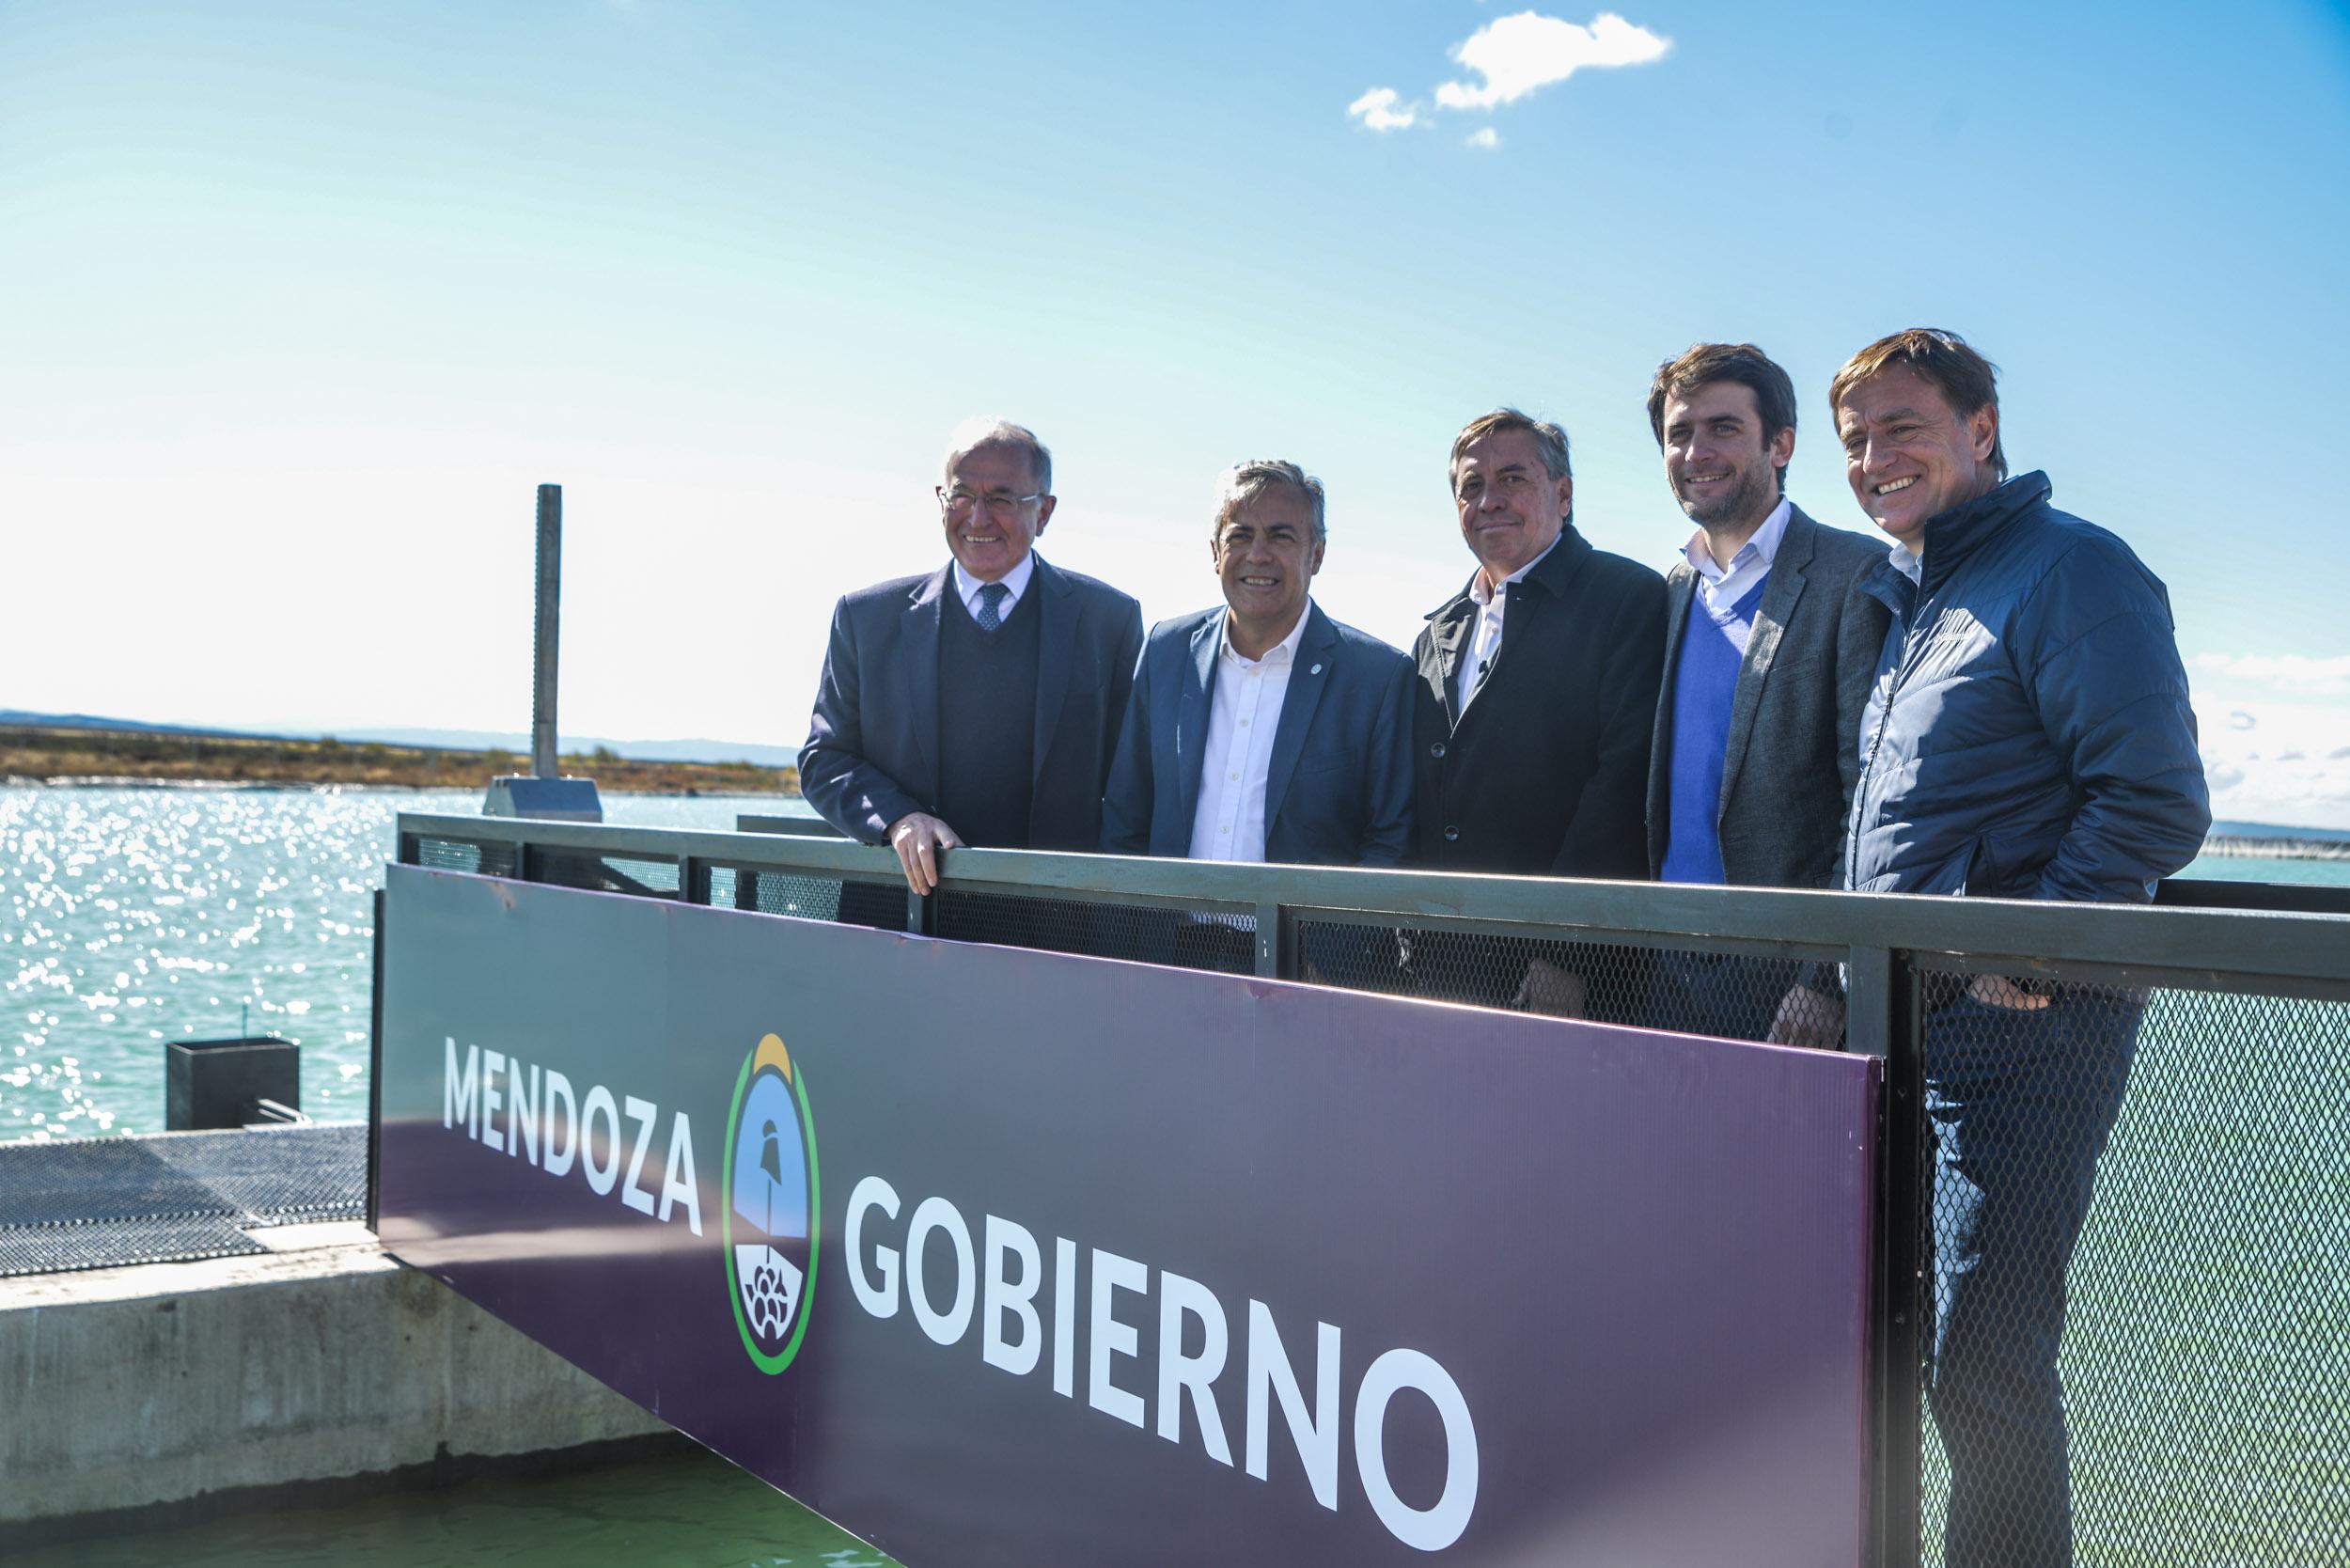 Cornejo y Marinelli inauguraron una obra que posibilita a los regantes ahorrar energía eléctrica y tener más agua con riego a la demanda